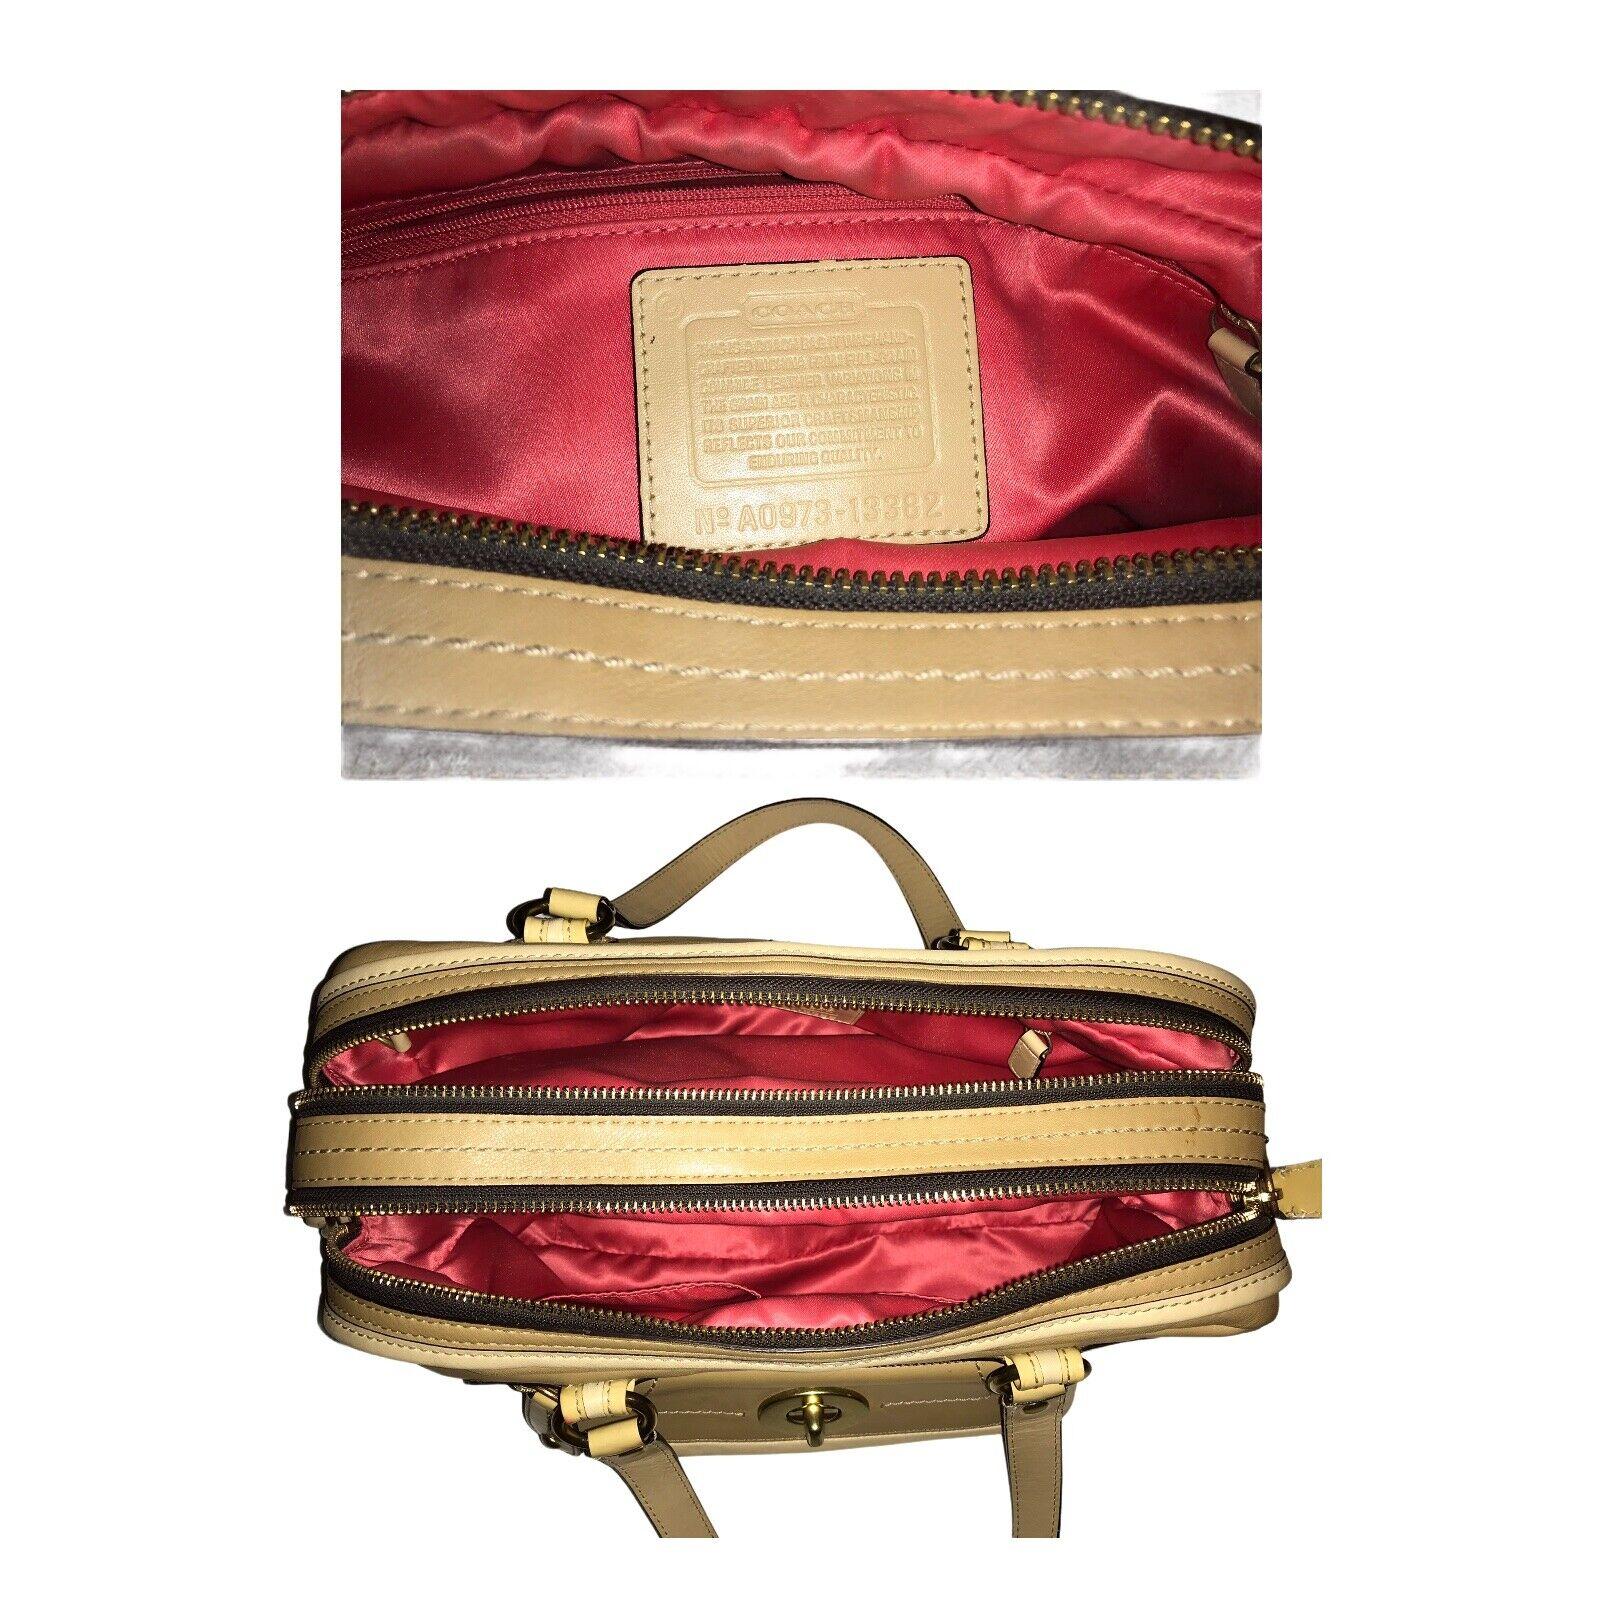 Vintage Bonnie Satchel Bag by COACH - image 5